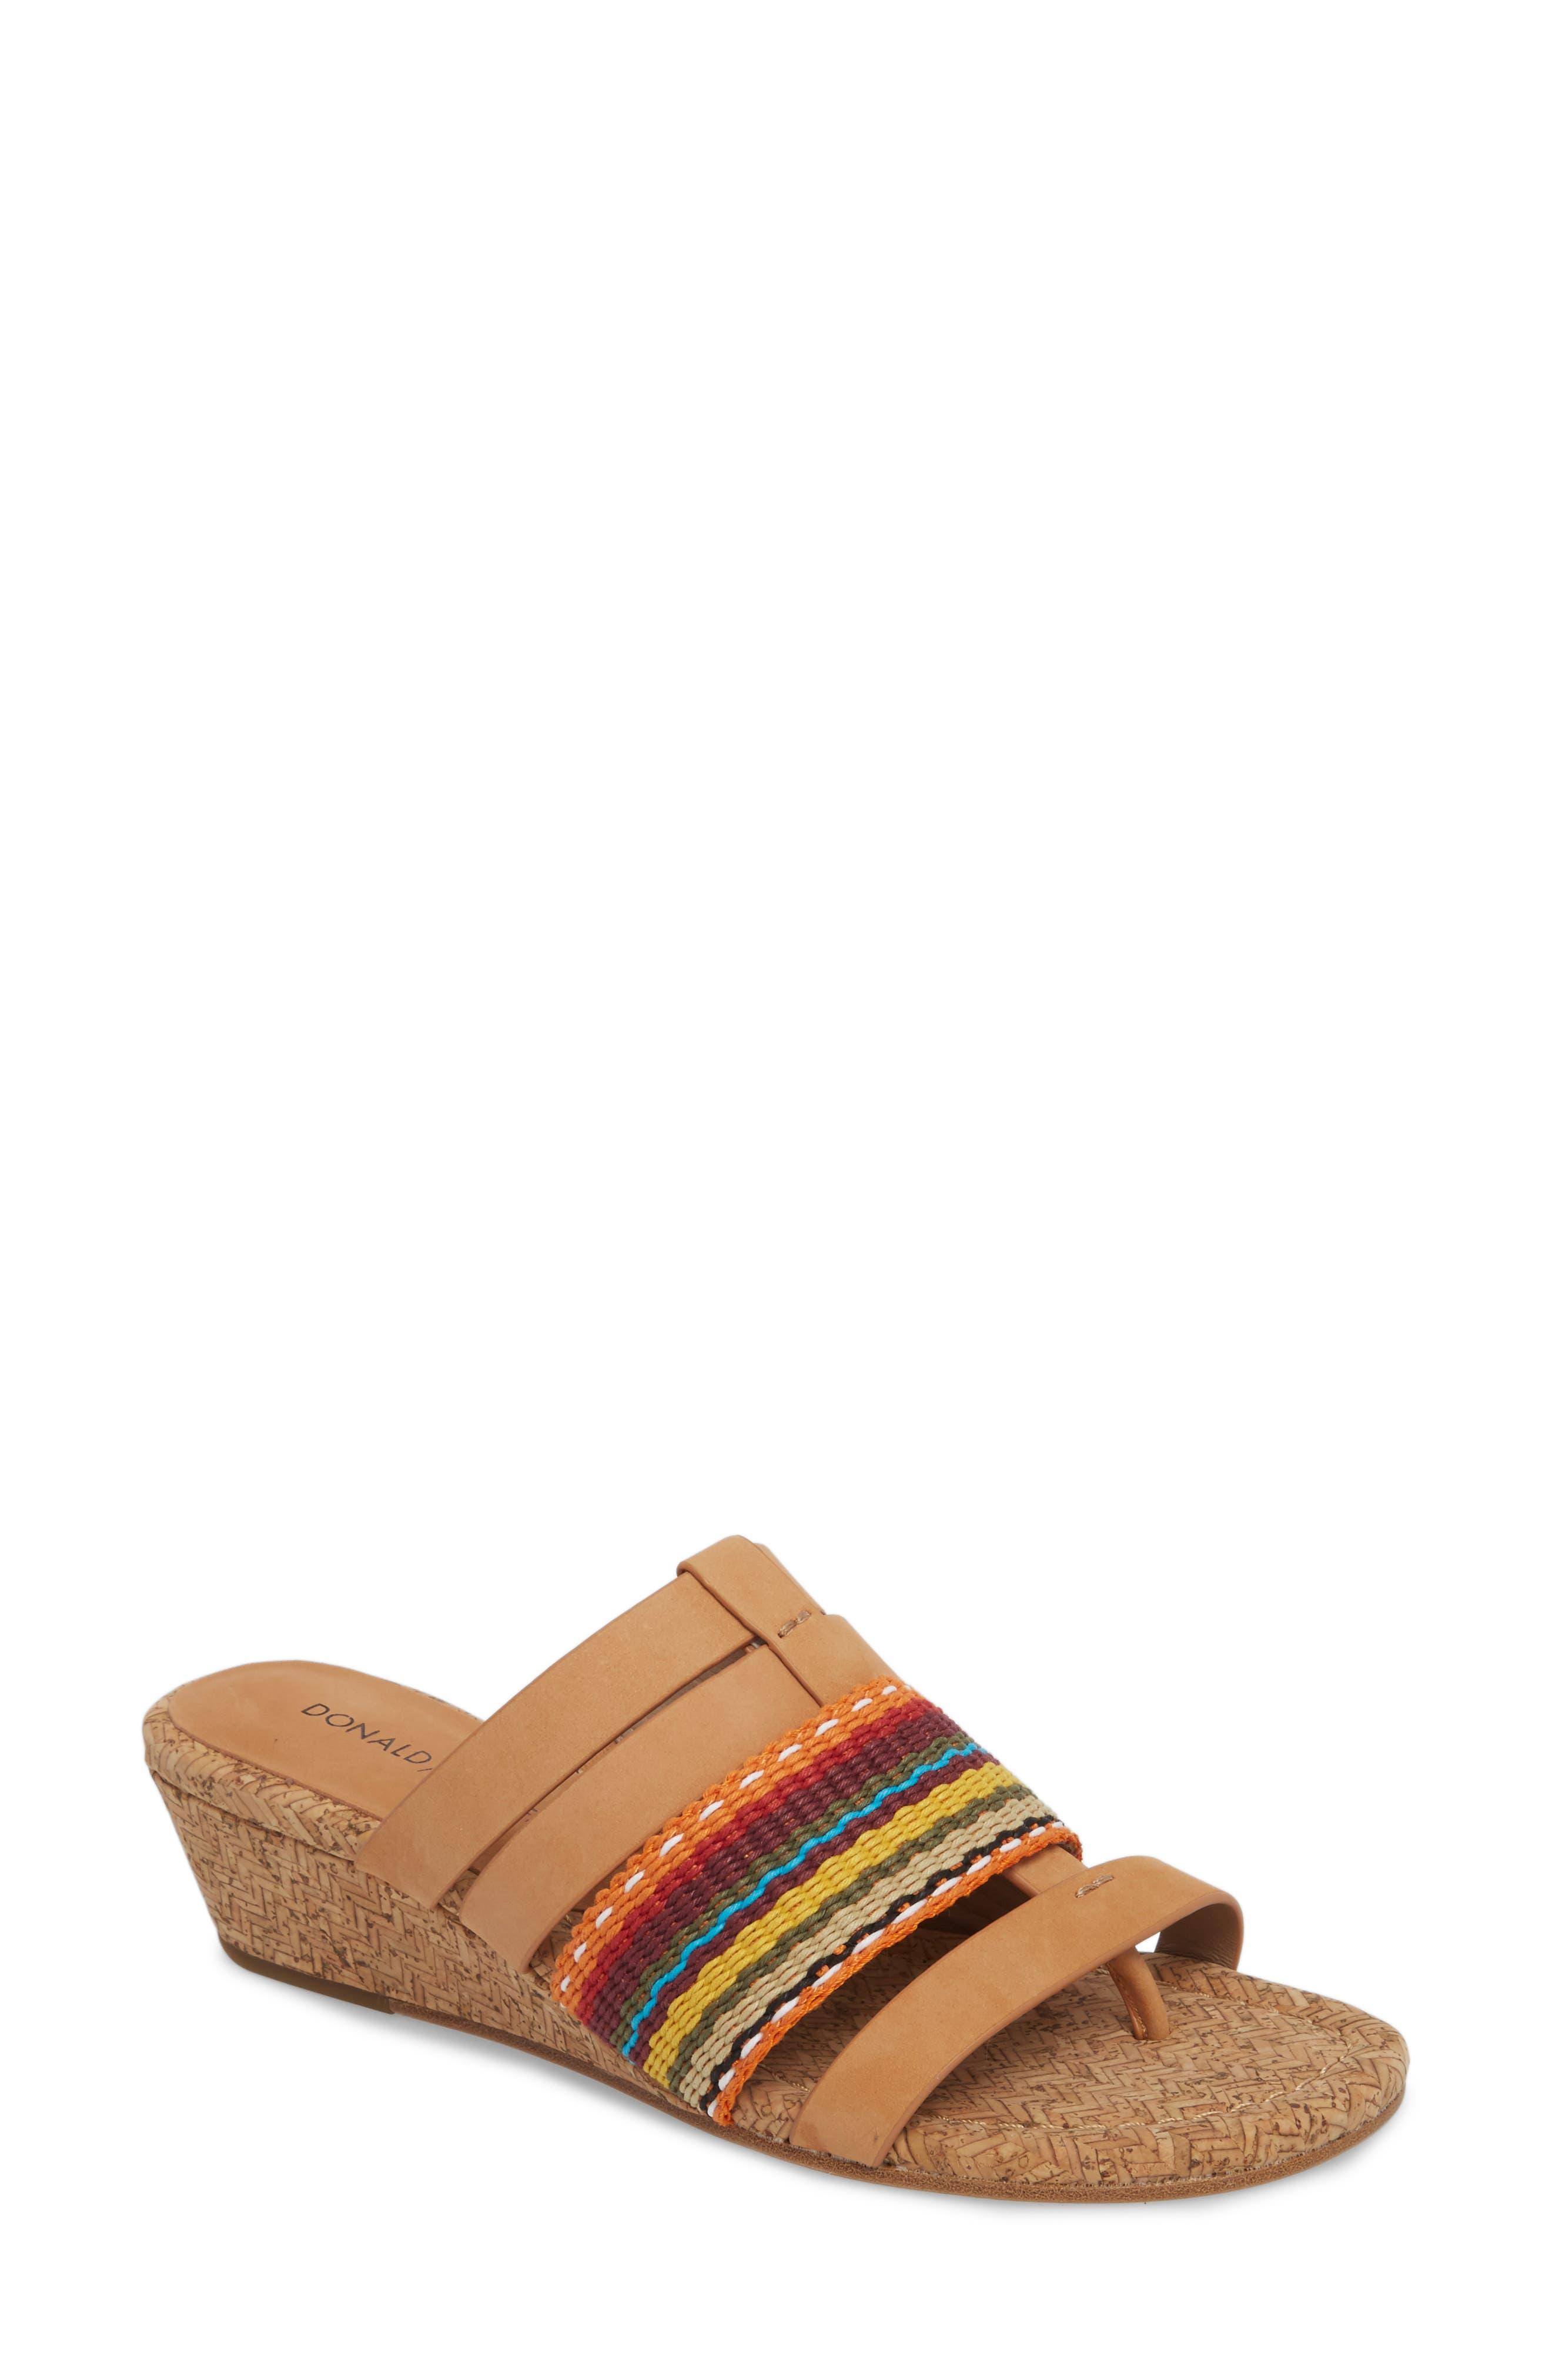 Dara Wedge Sandal,                             Main thumbnail 1, color,